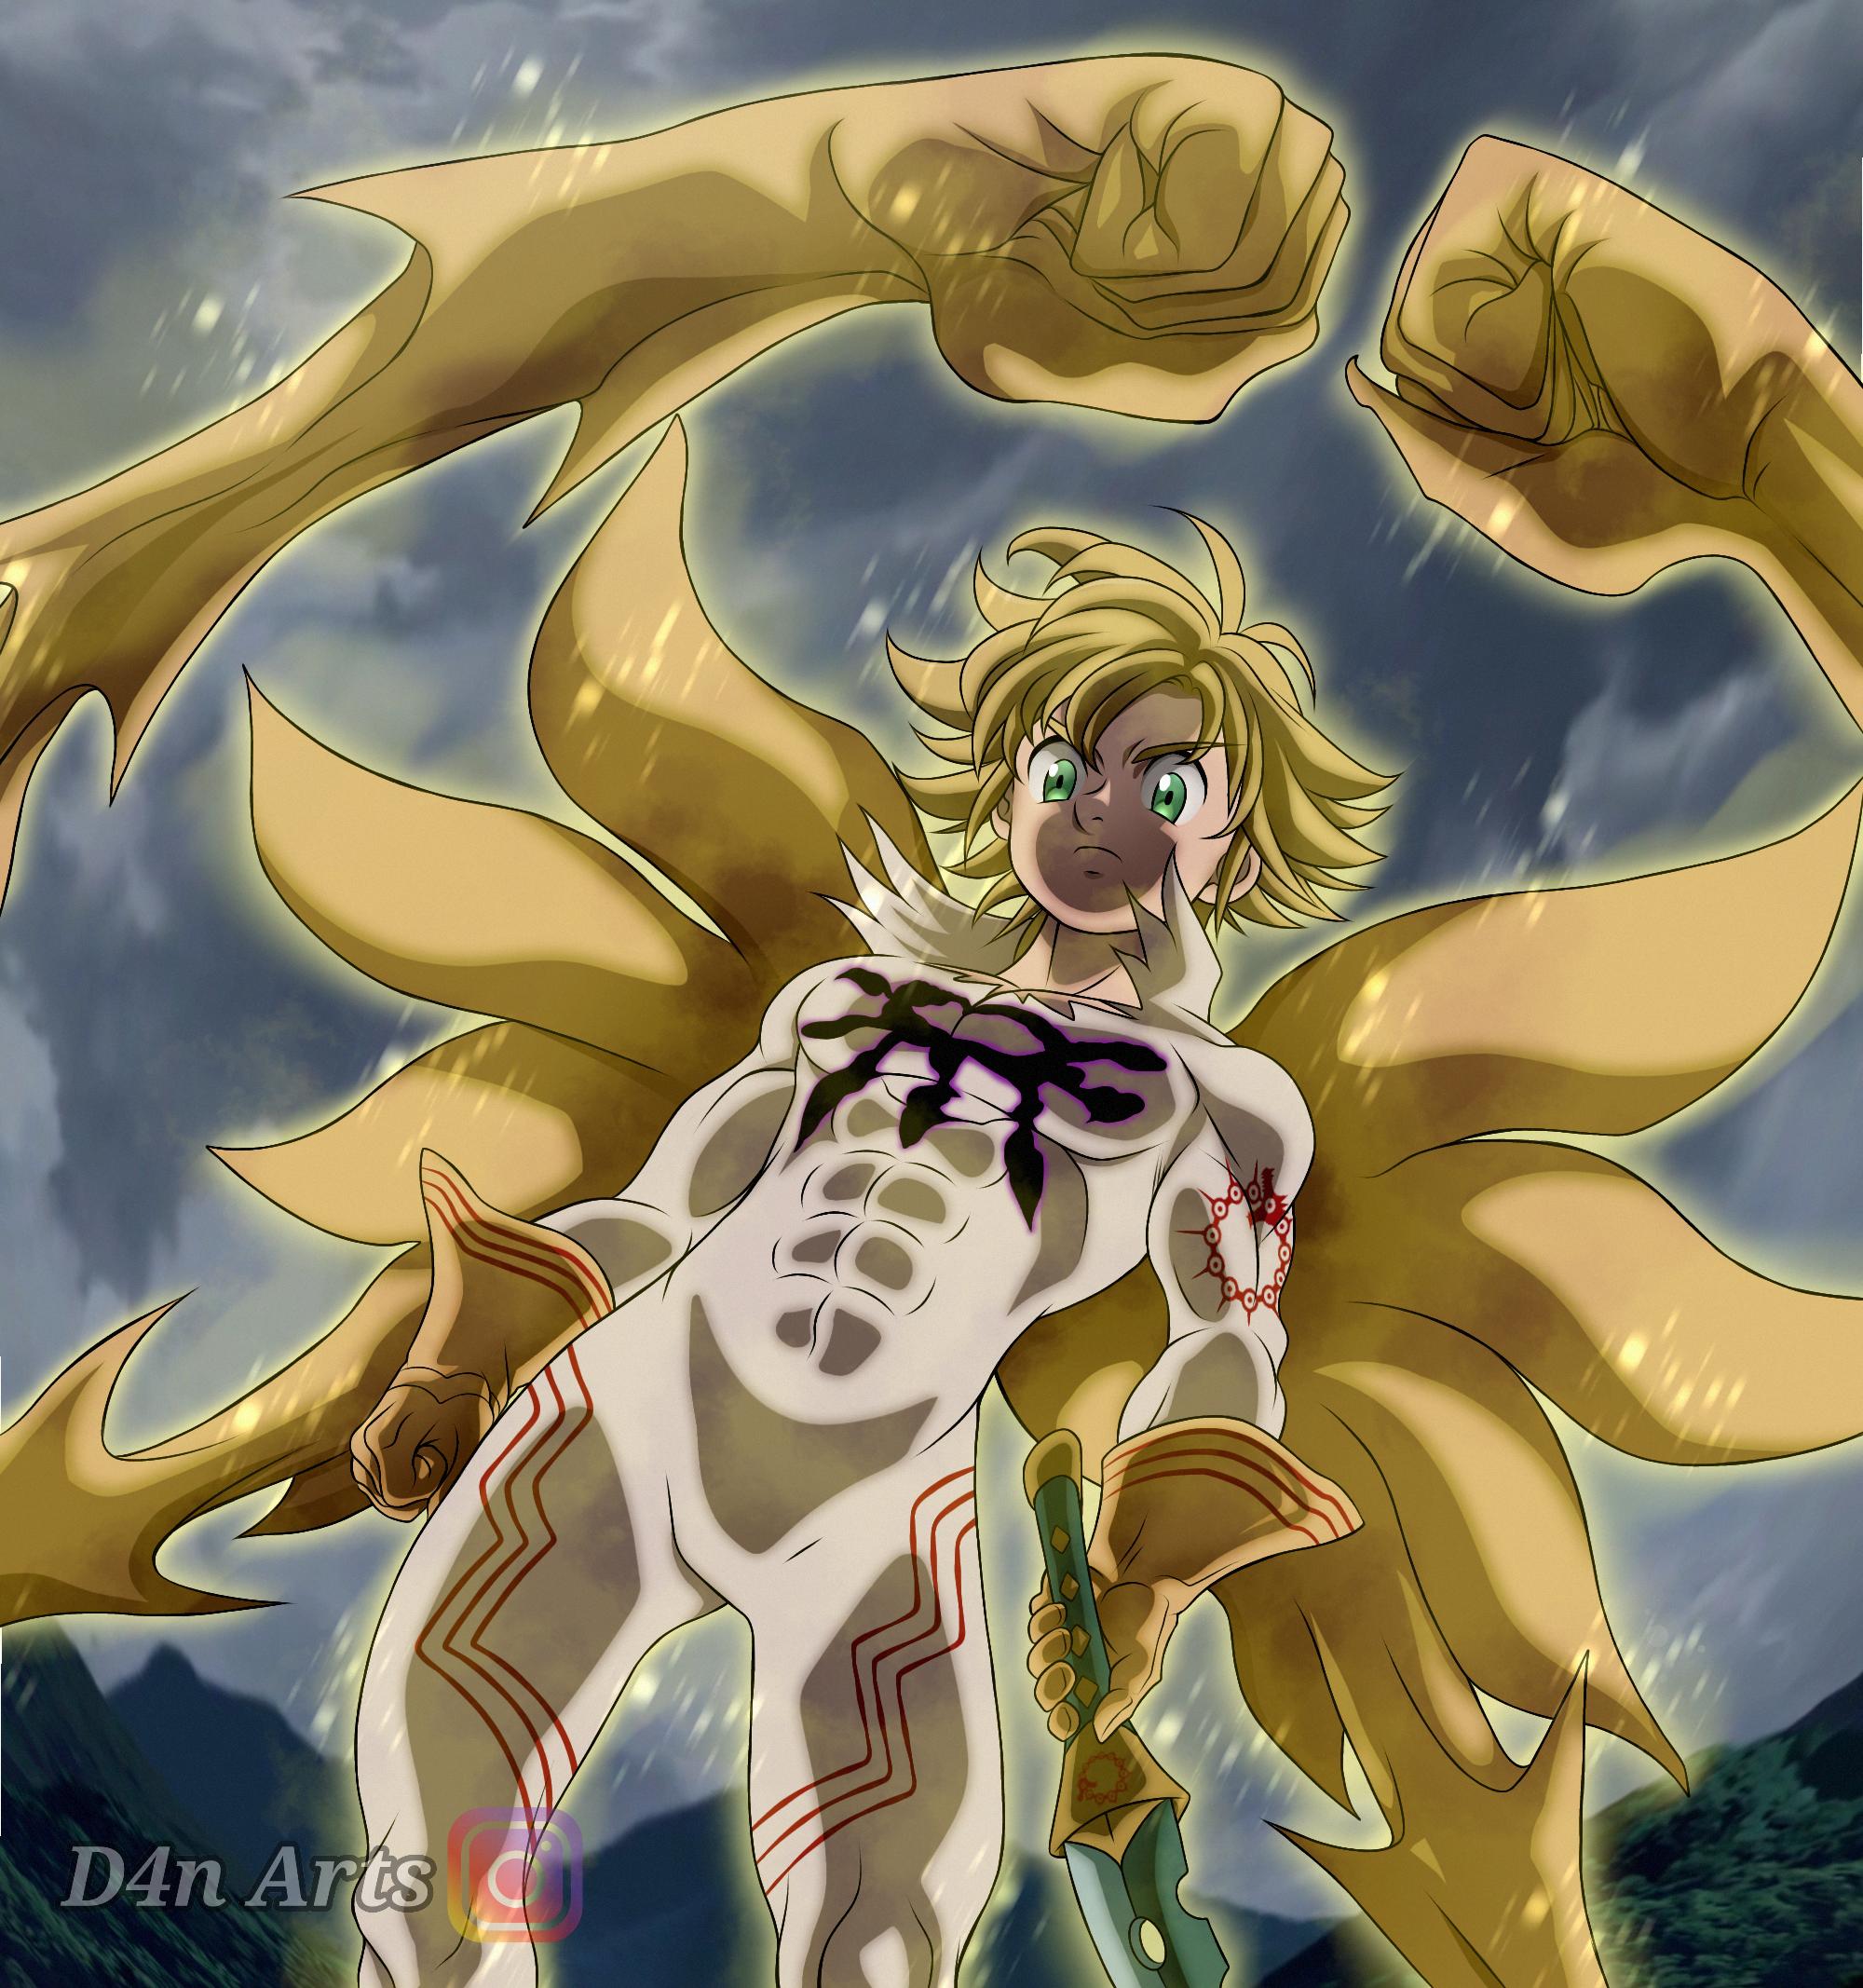 Meliodas Demon King Nanatsu No Taizai By D4nartss On Deviantart Demon King Seven Deadly Sins Anime Anime